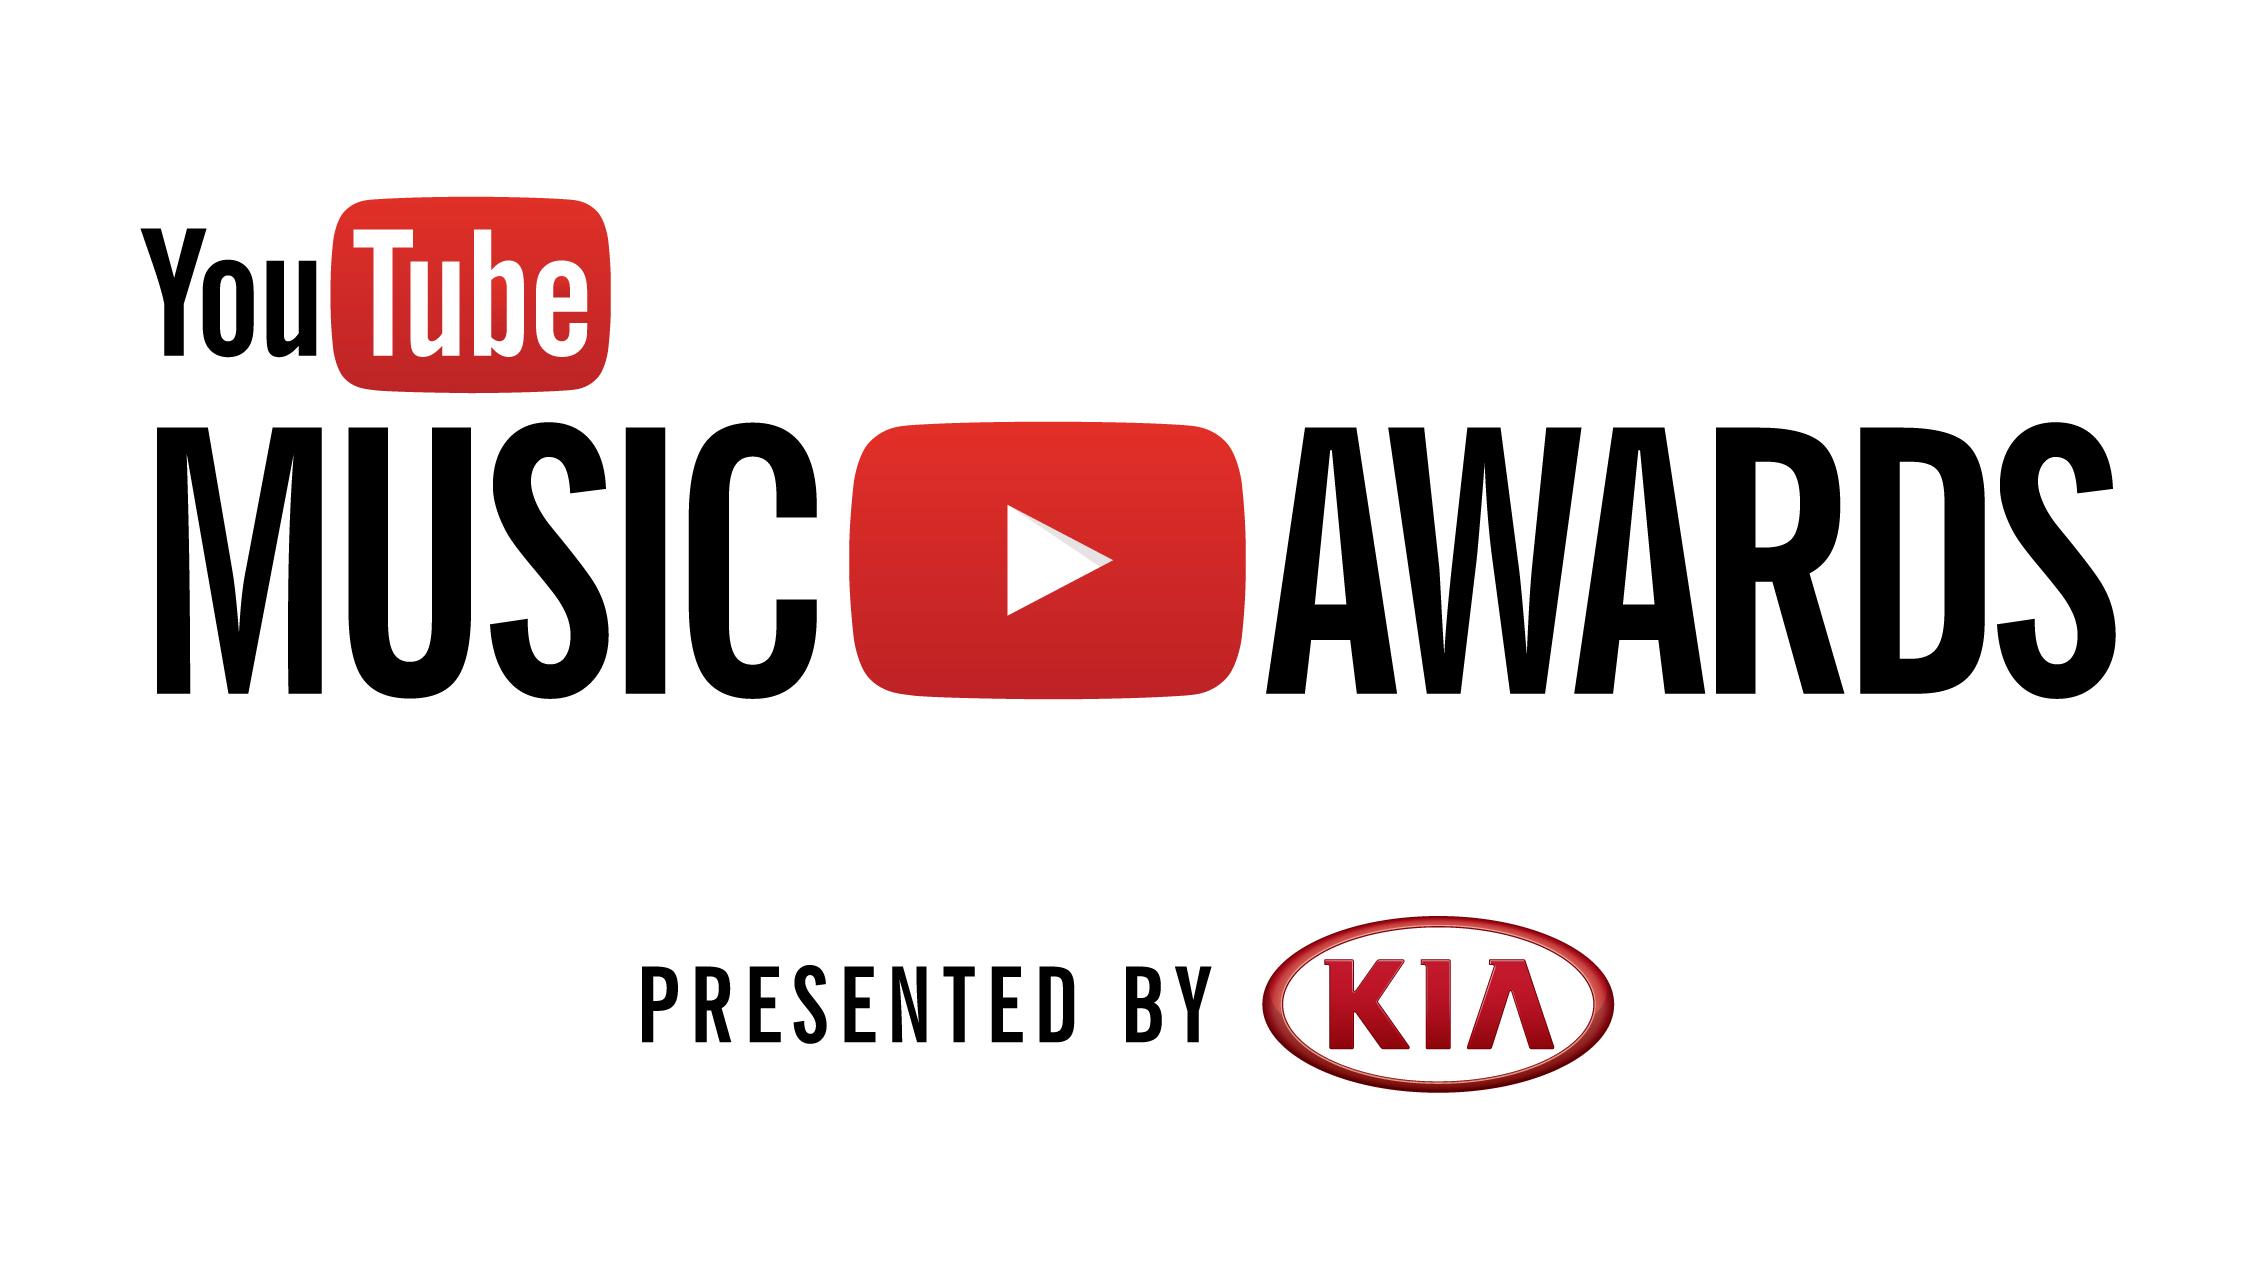 Kia title sponsor dei  YouTube Music Awards